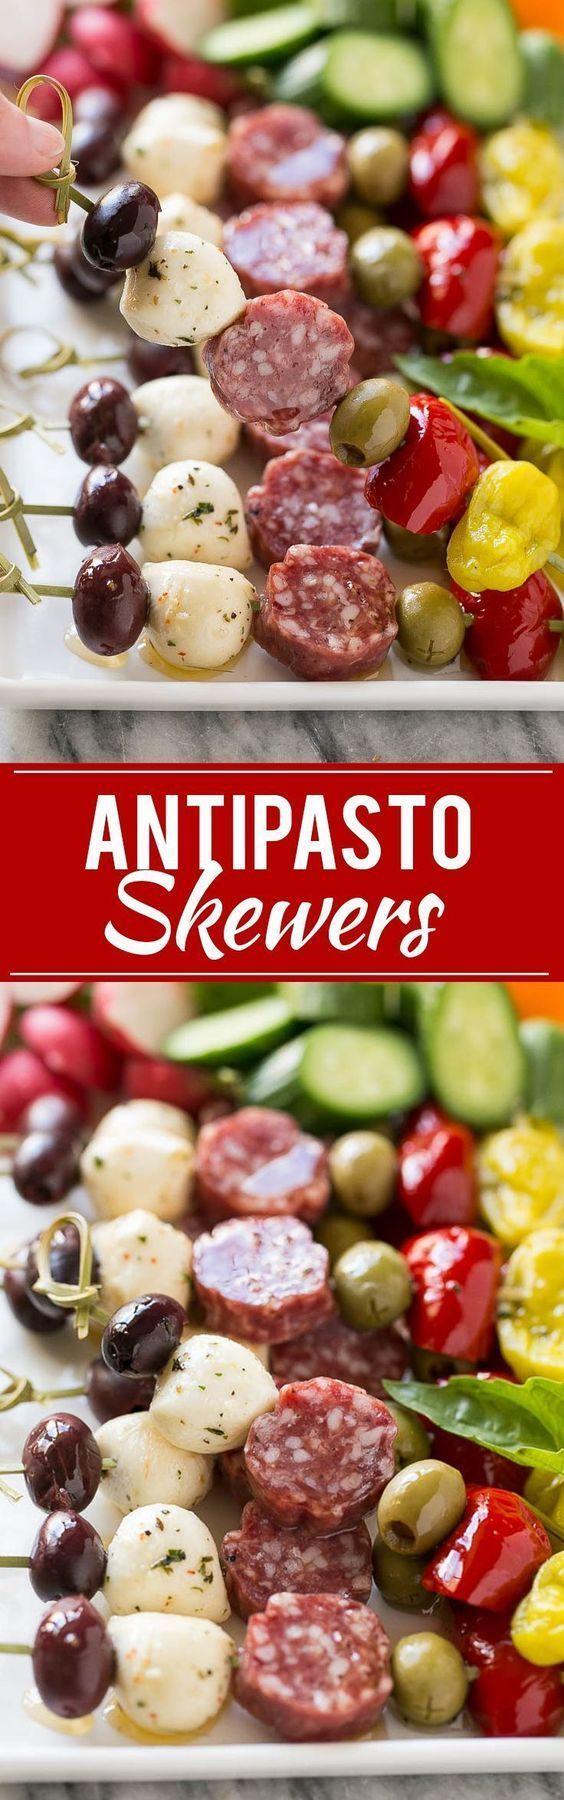 Diese Antipasti-Kebabs sind eine Auswahl an italienischem Fleisch, Käse und ... - -